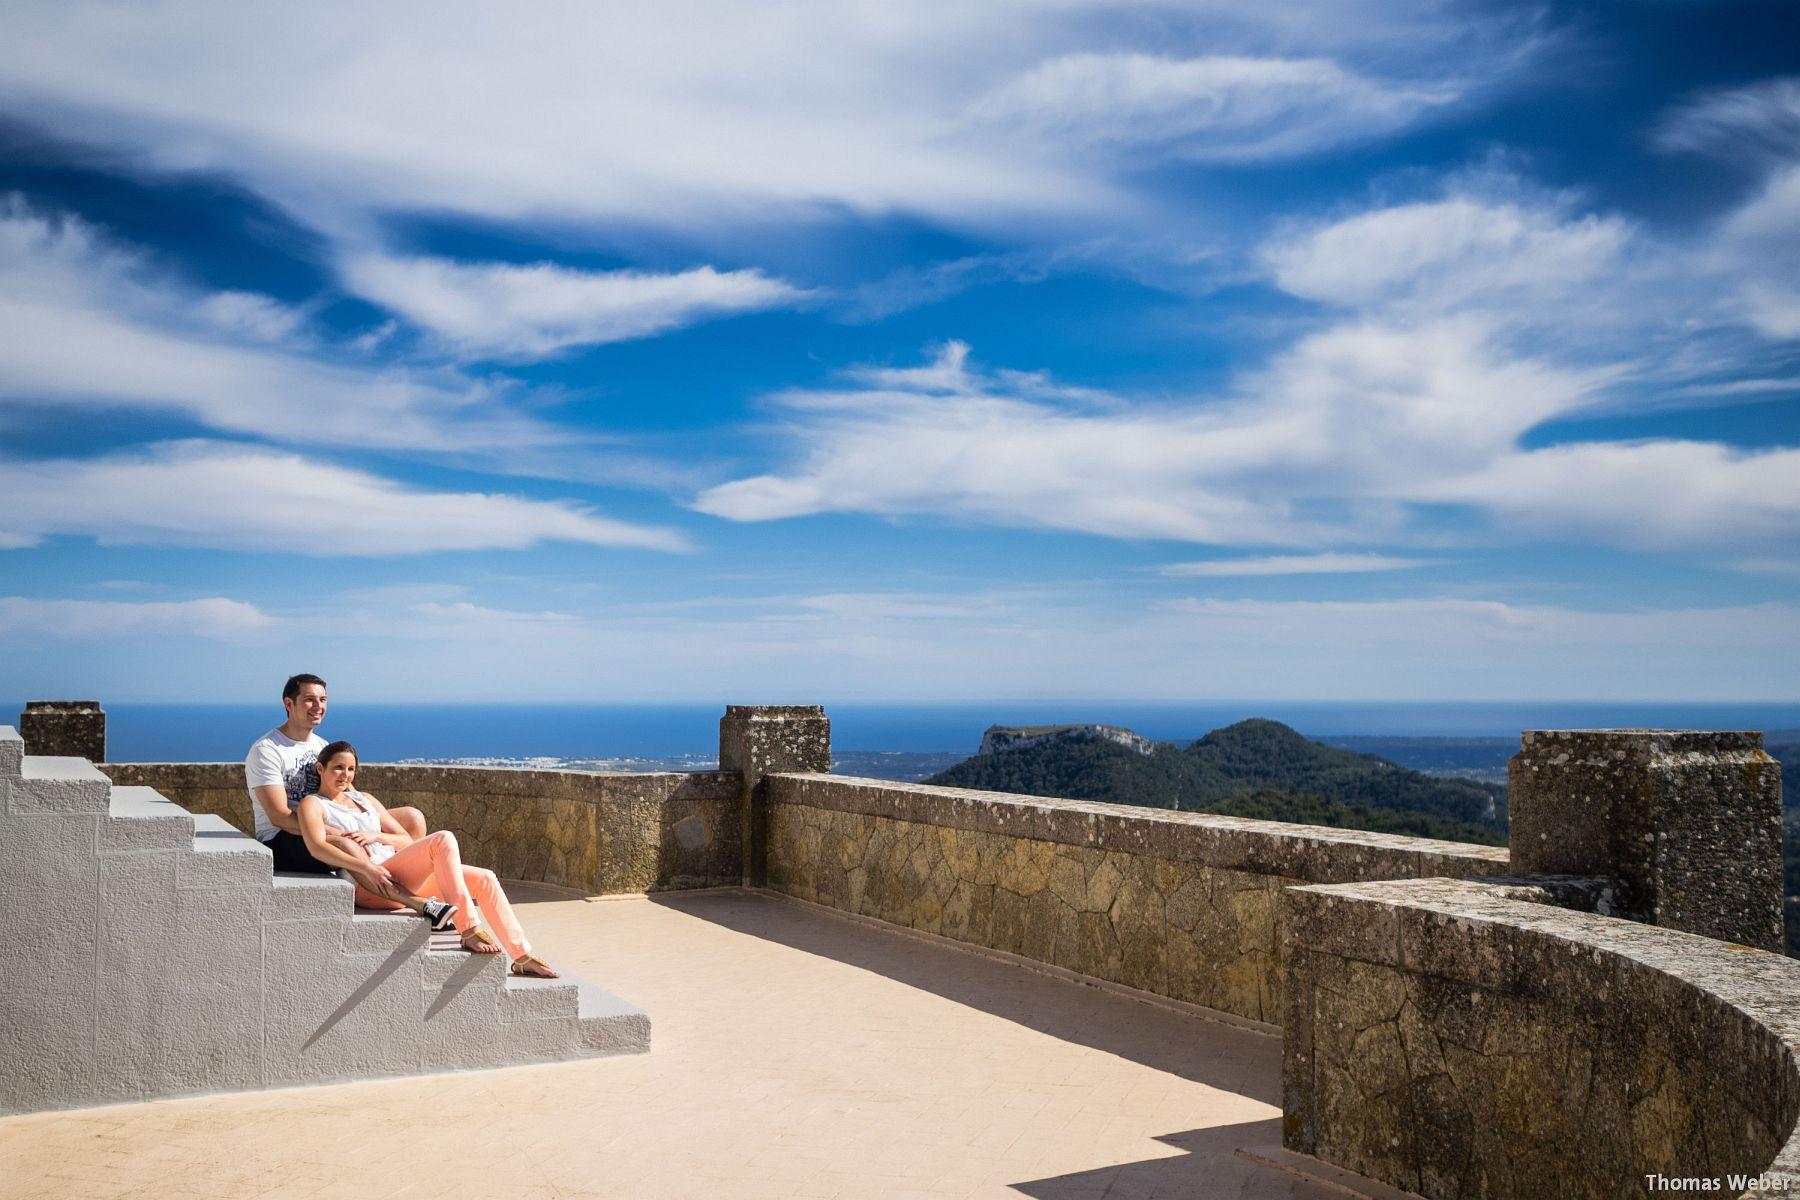 Hochzeitsfotograf Thomas Weber aus Oldenburg: Hochzeitsfotos und Paarfotos auf Mallorca (36)